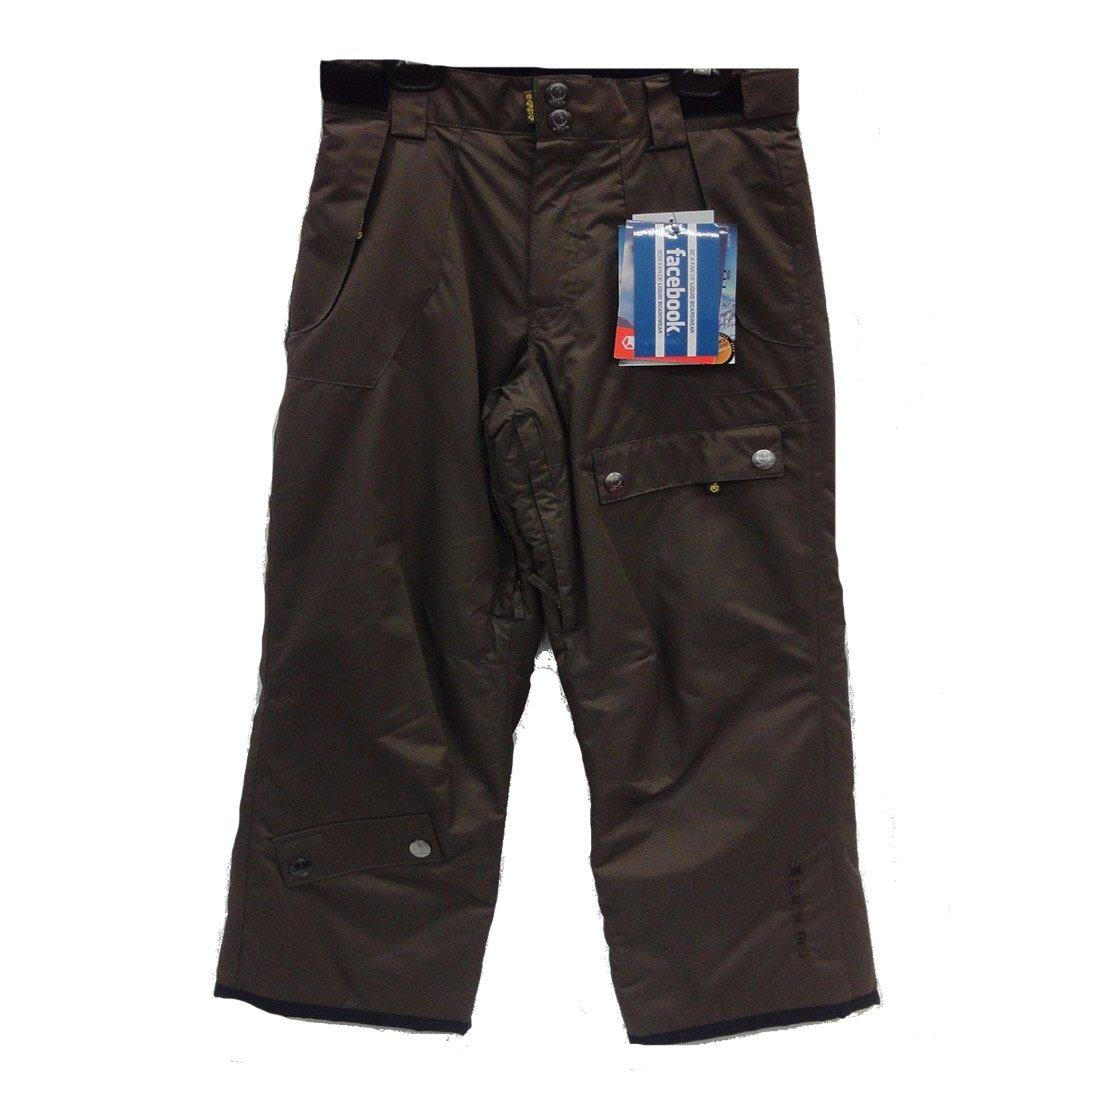 Liquid Boardwear Boys Shermy Pant Size Medium Earth by Liquid Boardwear